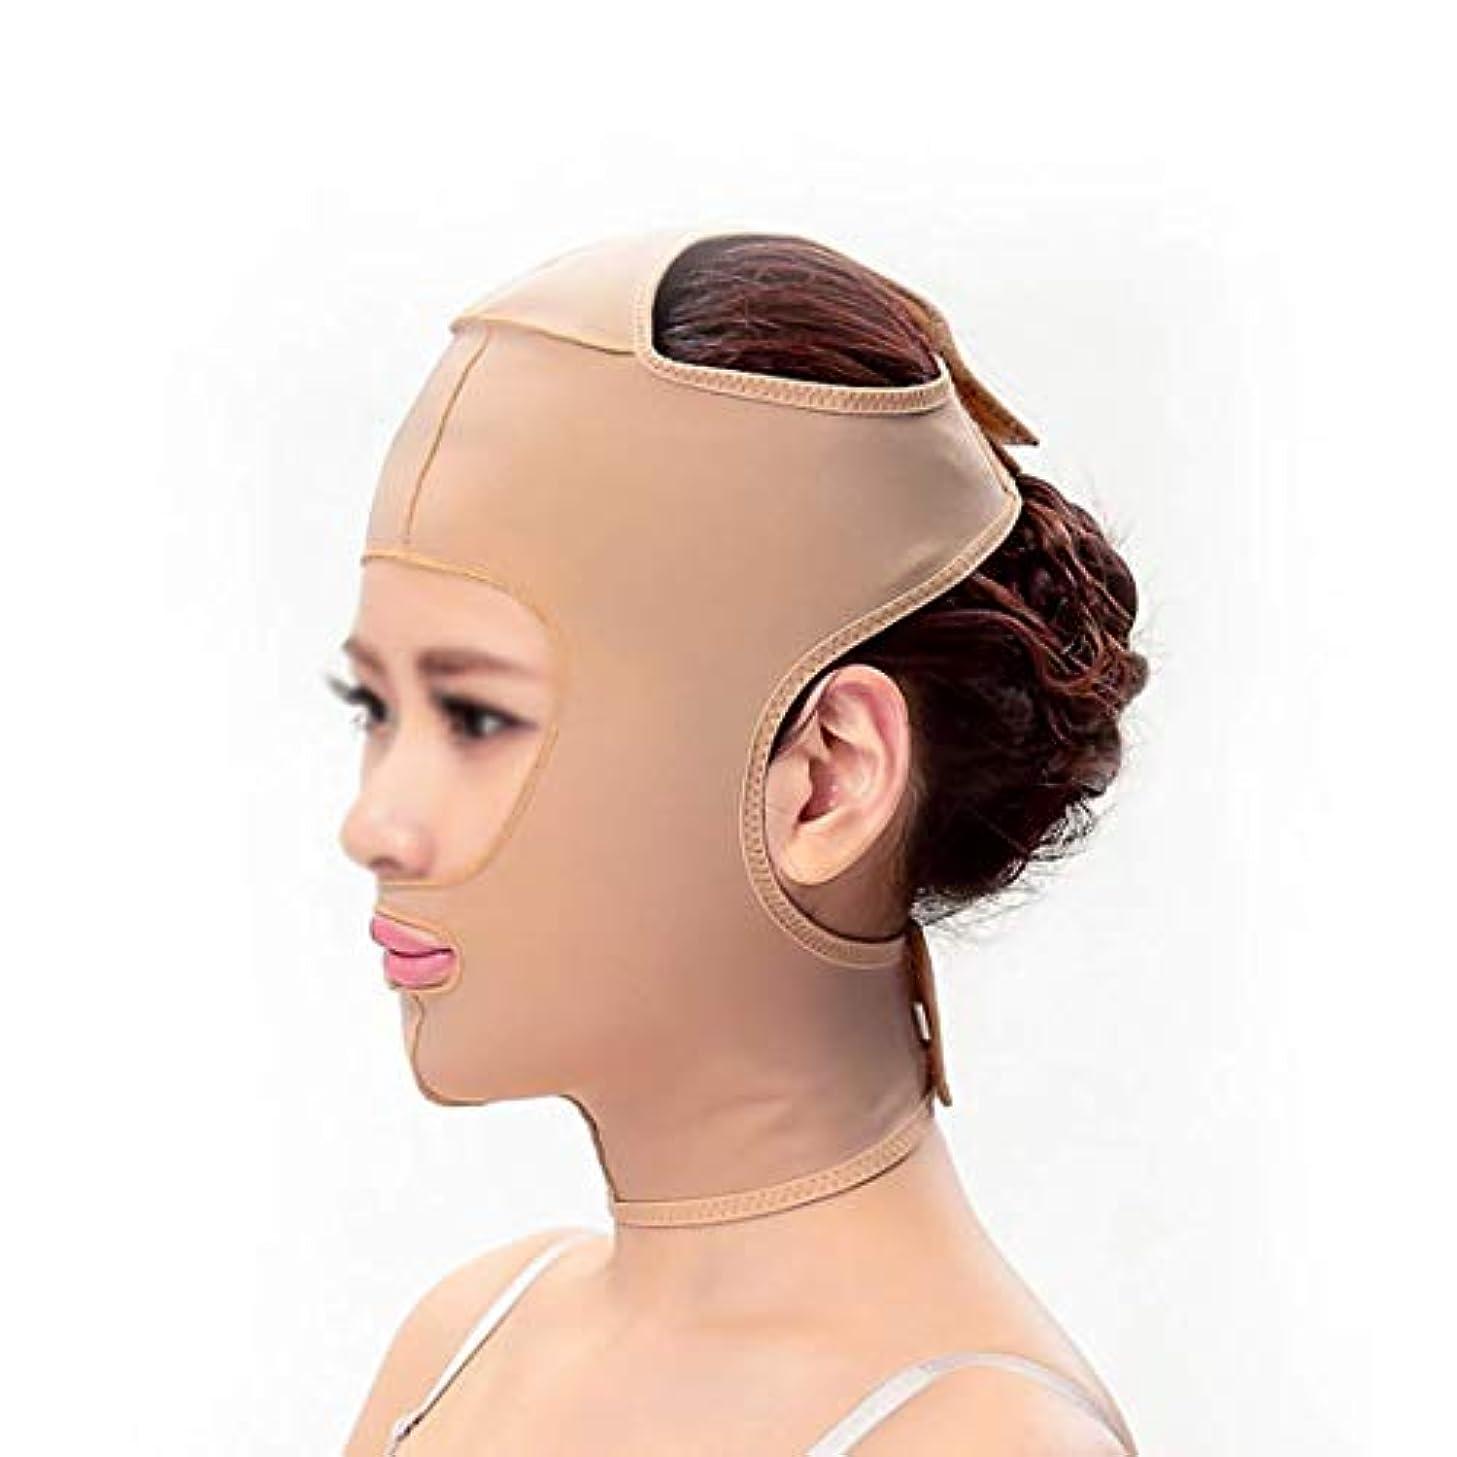 なるはがき命題スリミングベルト、二重あごの引き締め顔面プラスチックフェイスアーティファクト強力なフェイスバンデージをサイズアップするために顔面マスクシンフェイスマスク,M